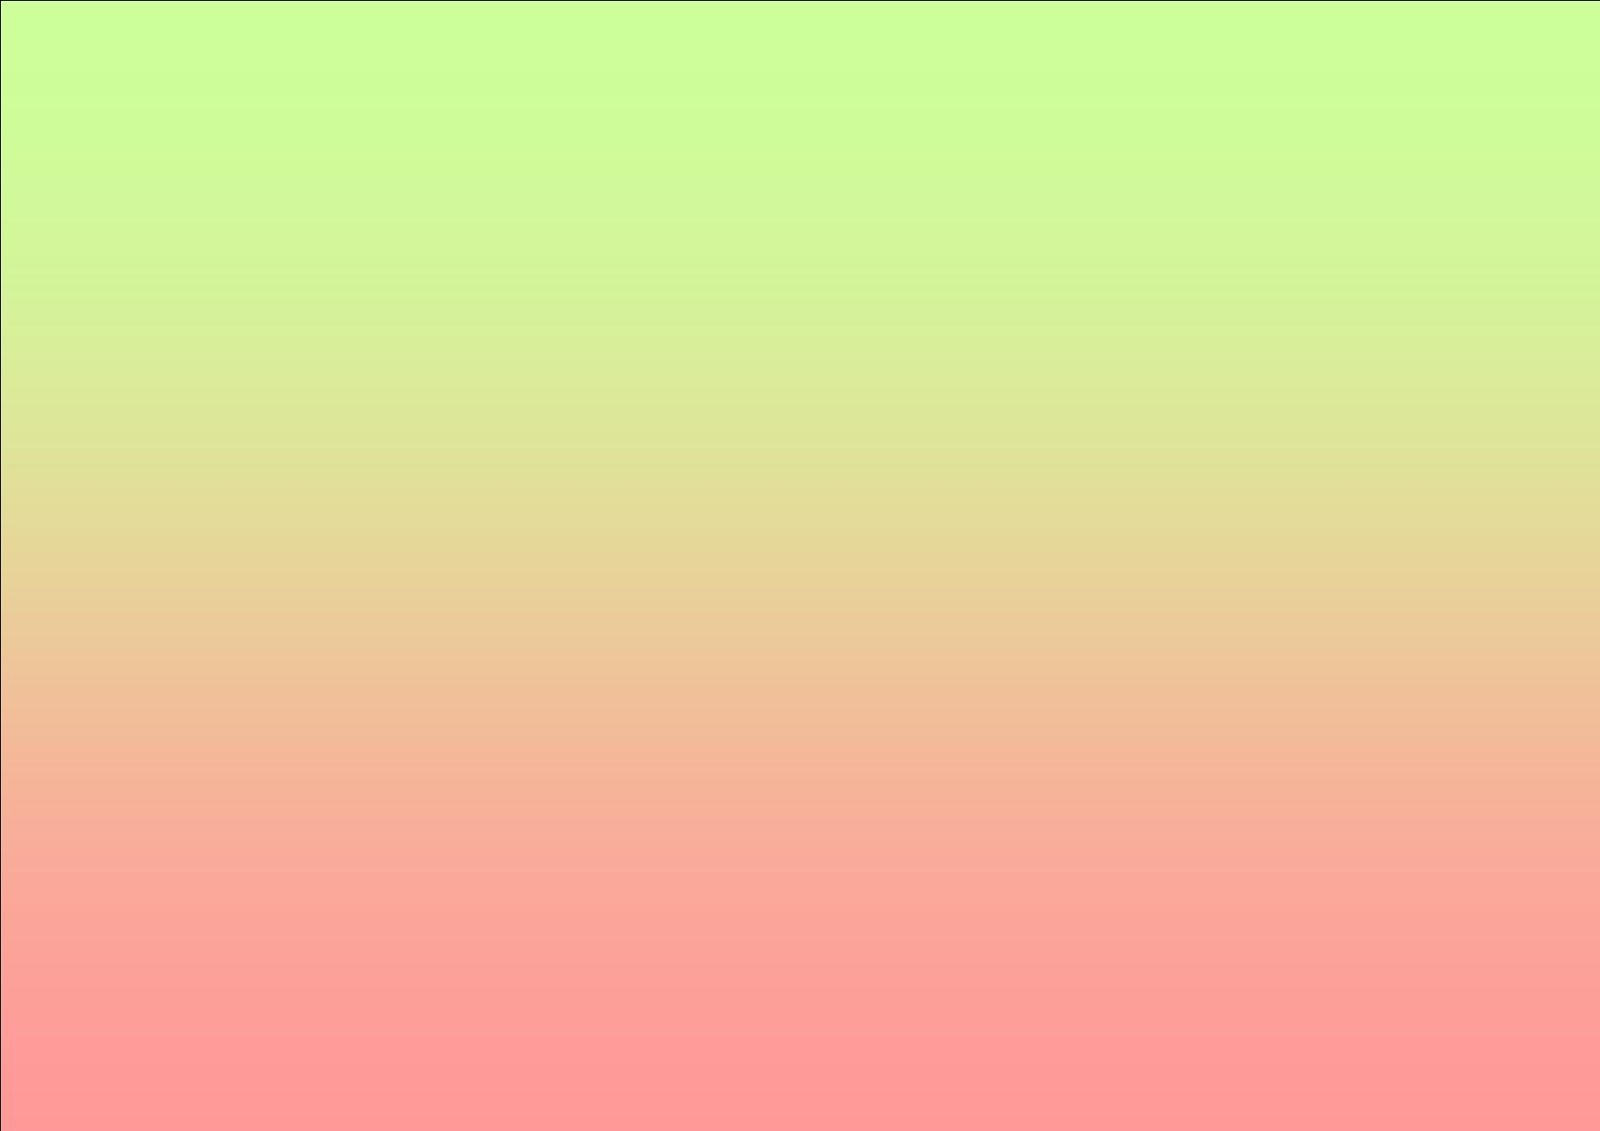 Fondos Degradee De Colores Pasteles